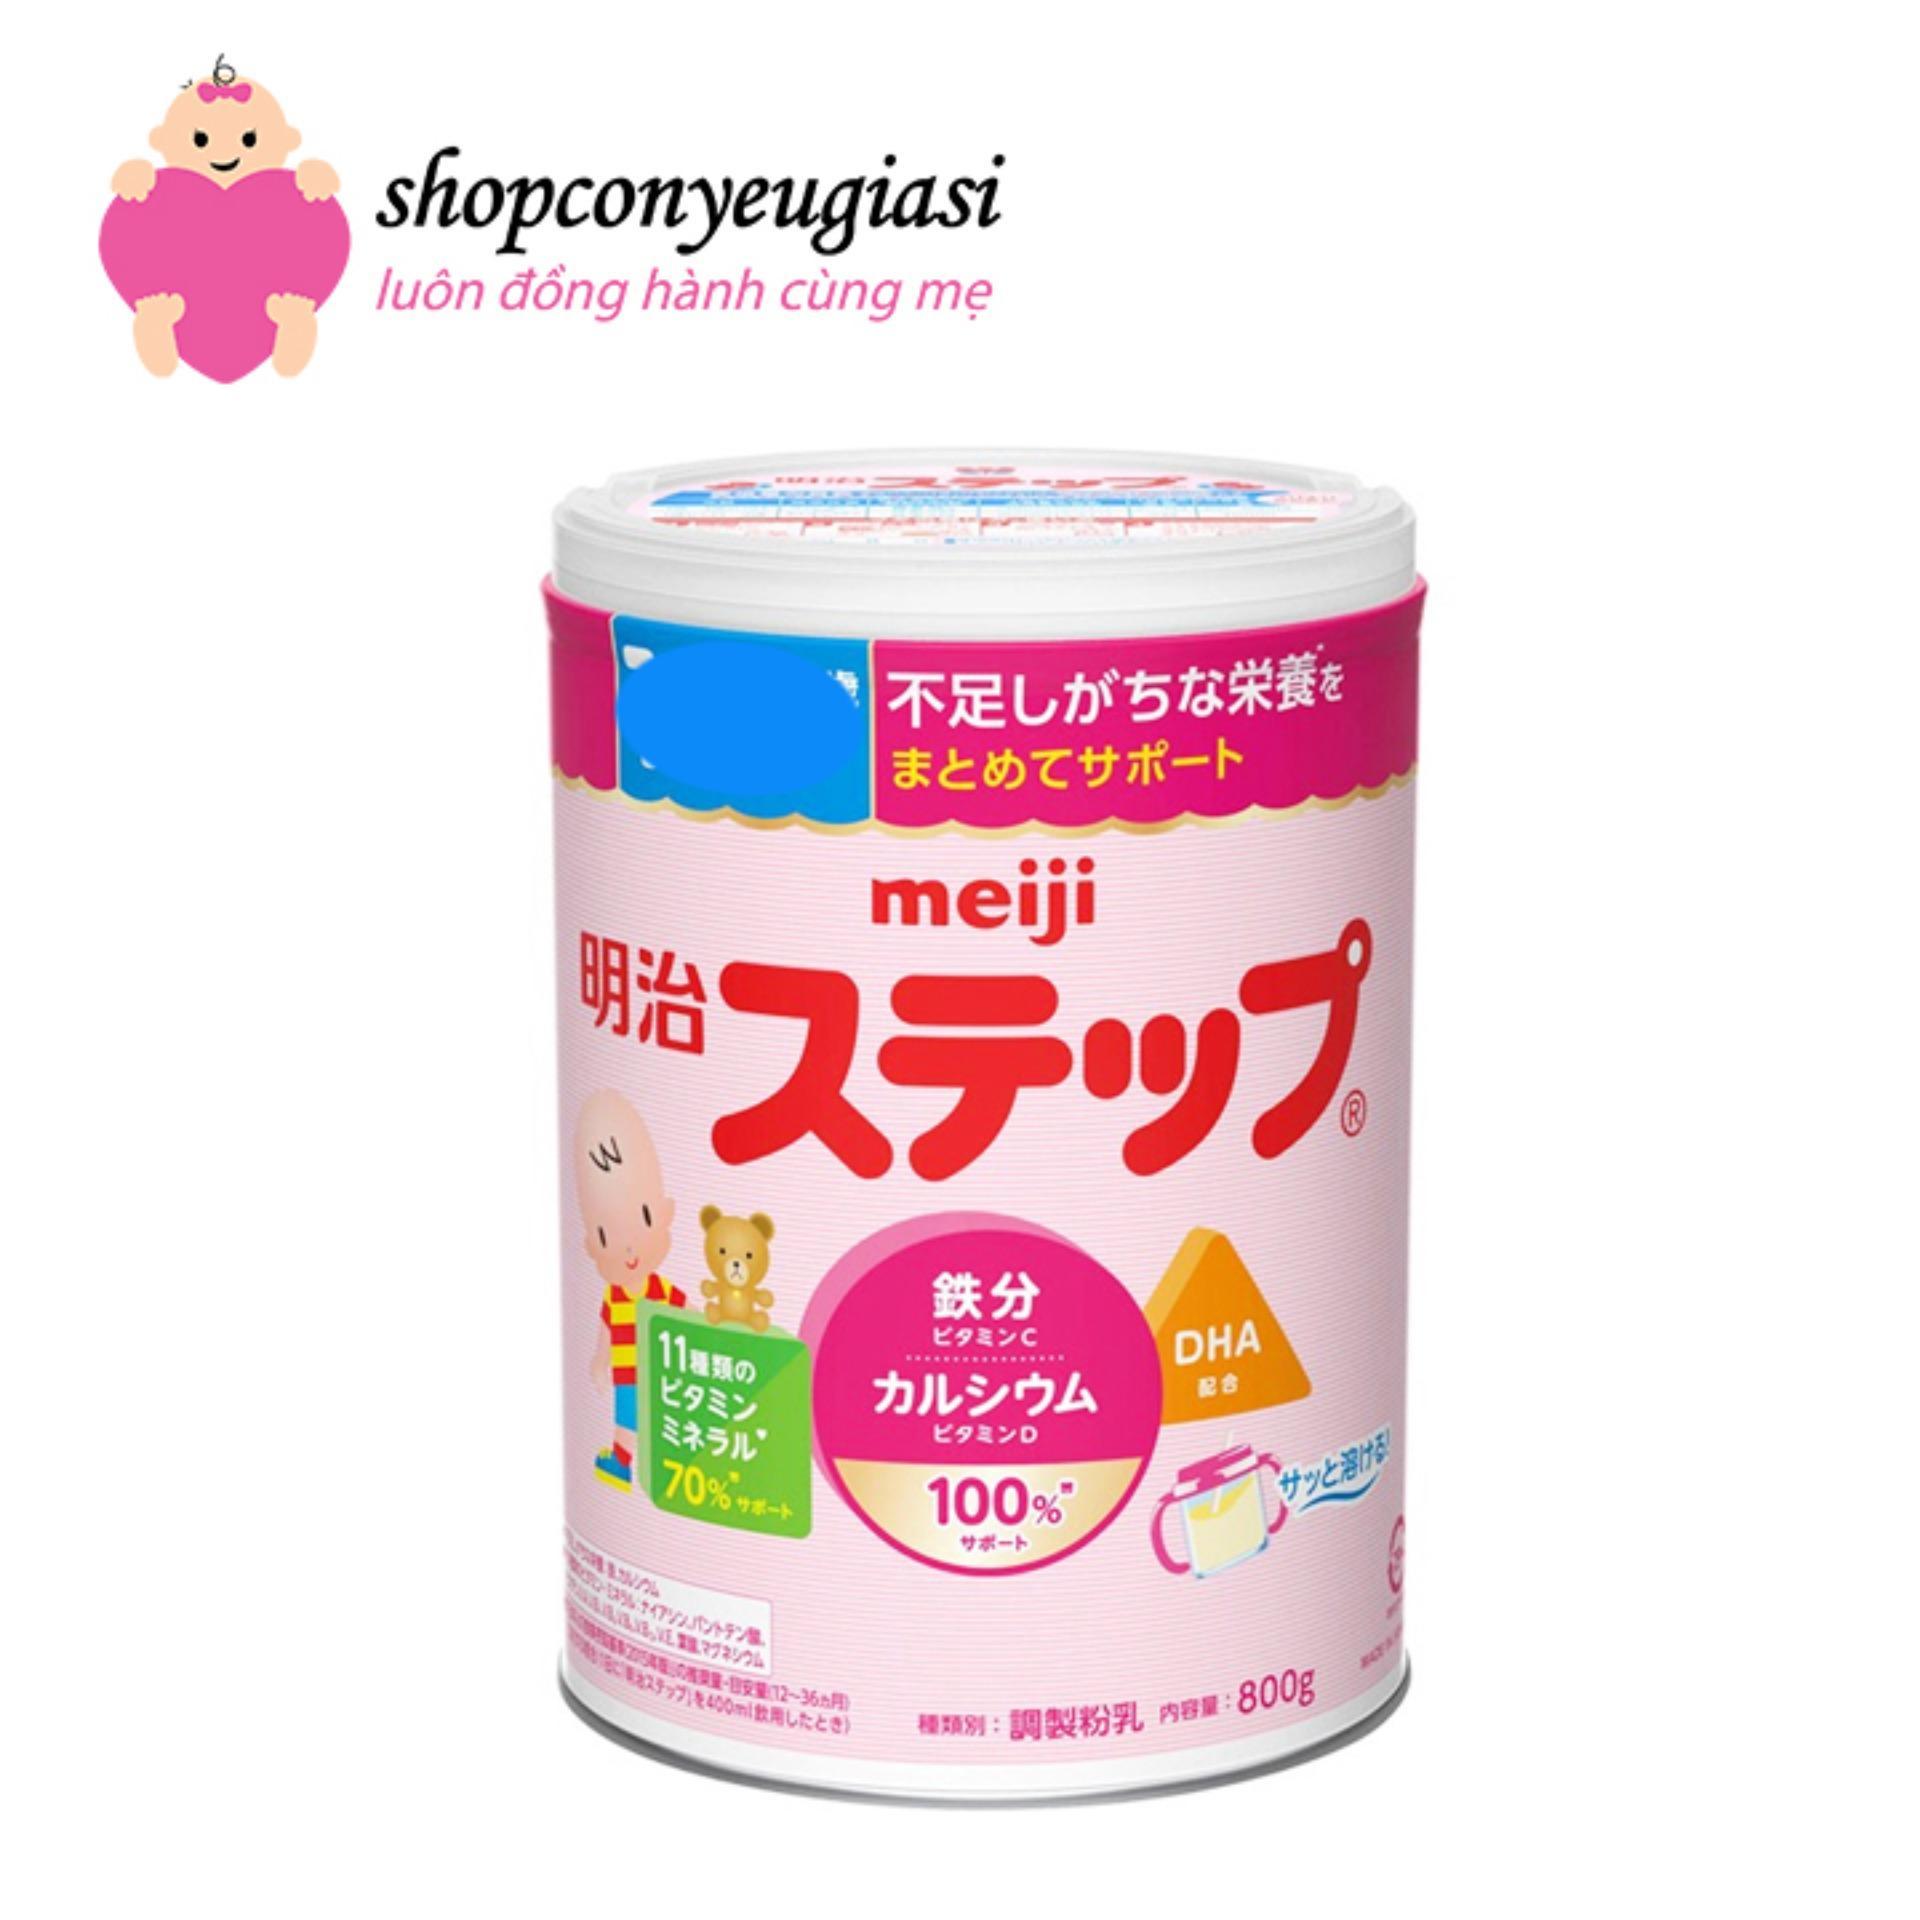 Sữa Meiji Số 9 Nội Địa - 800g